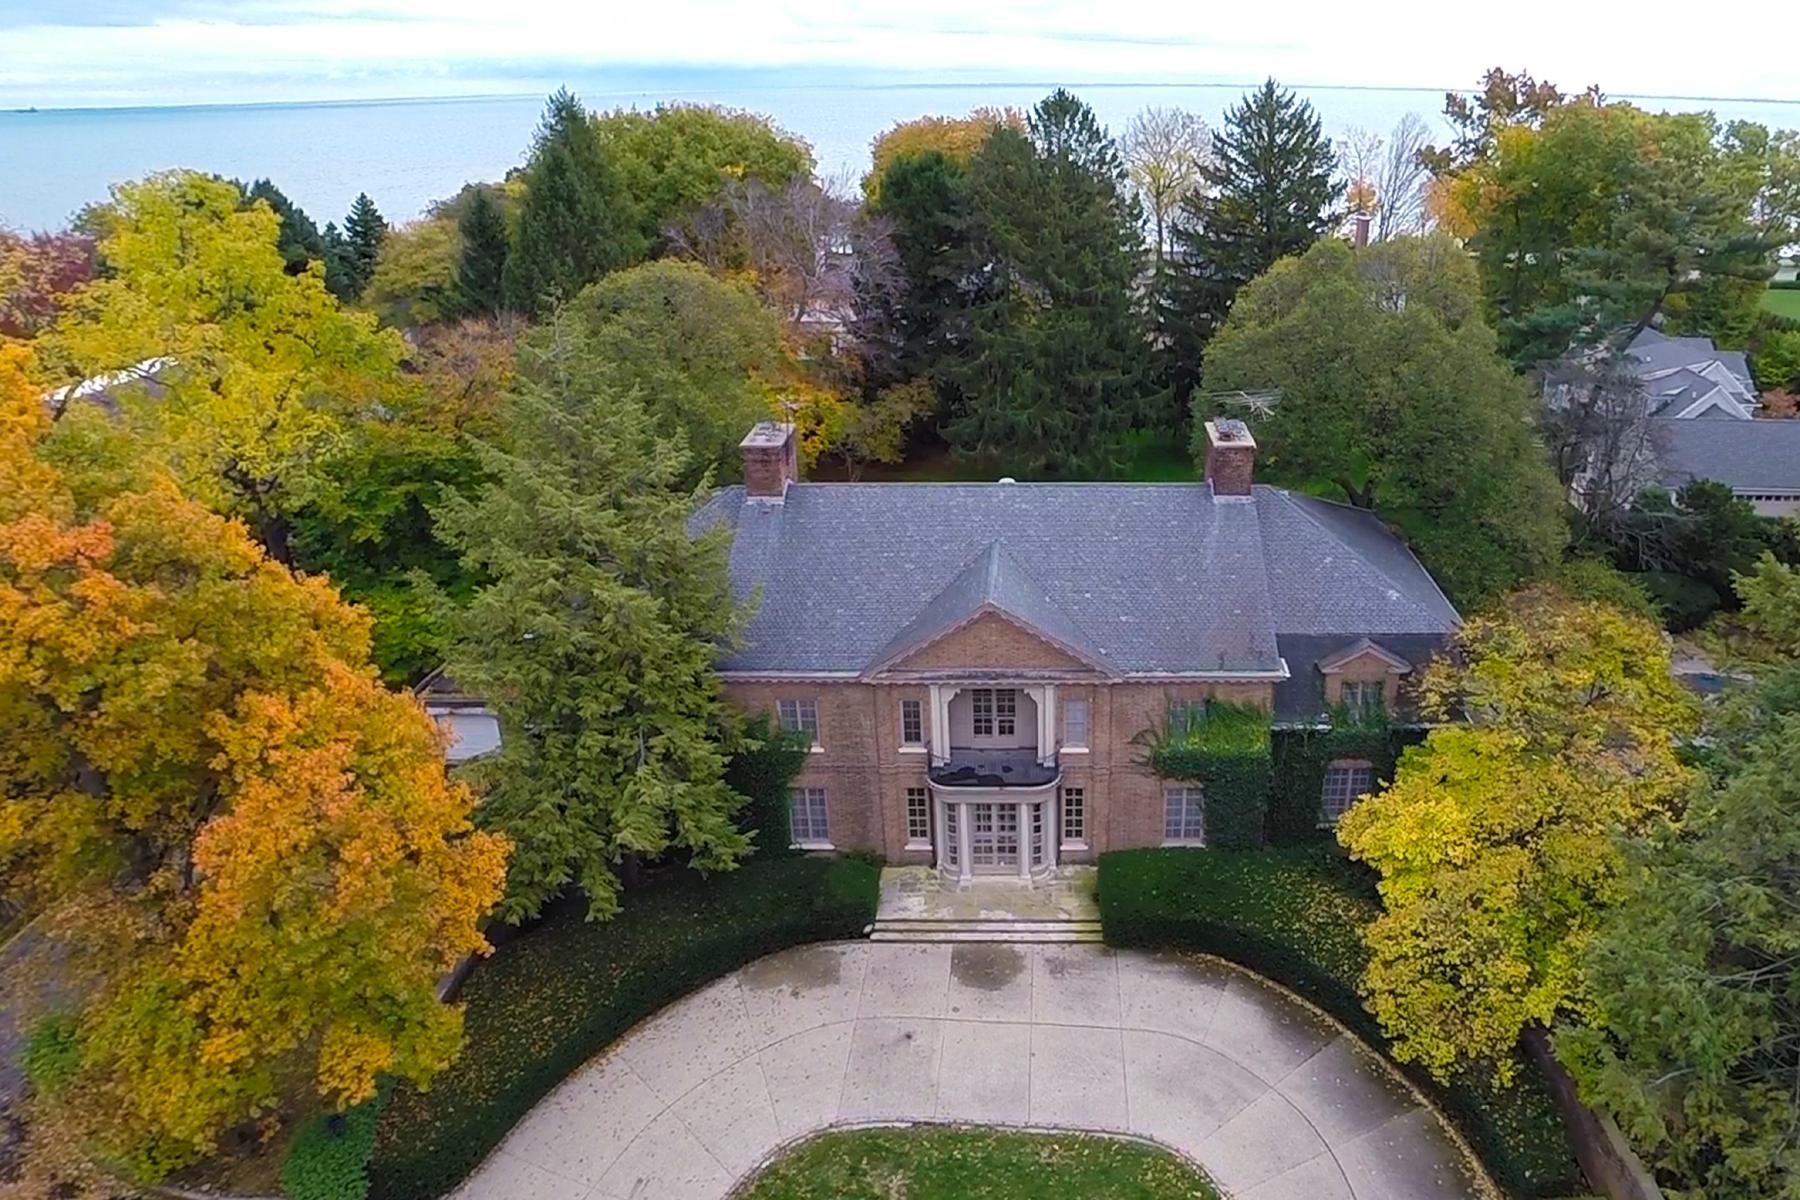 Maison unifamiliale pour l Vente à Grosse Pointe Farms 30 Preston Grosse Pointe Farms, Michigan, 48236 États-Unis